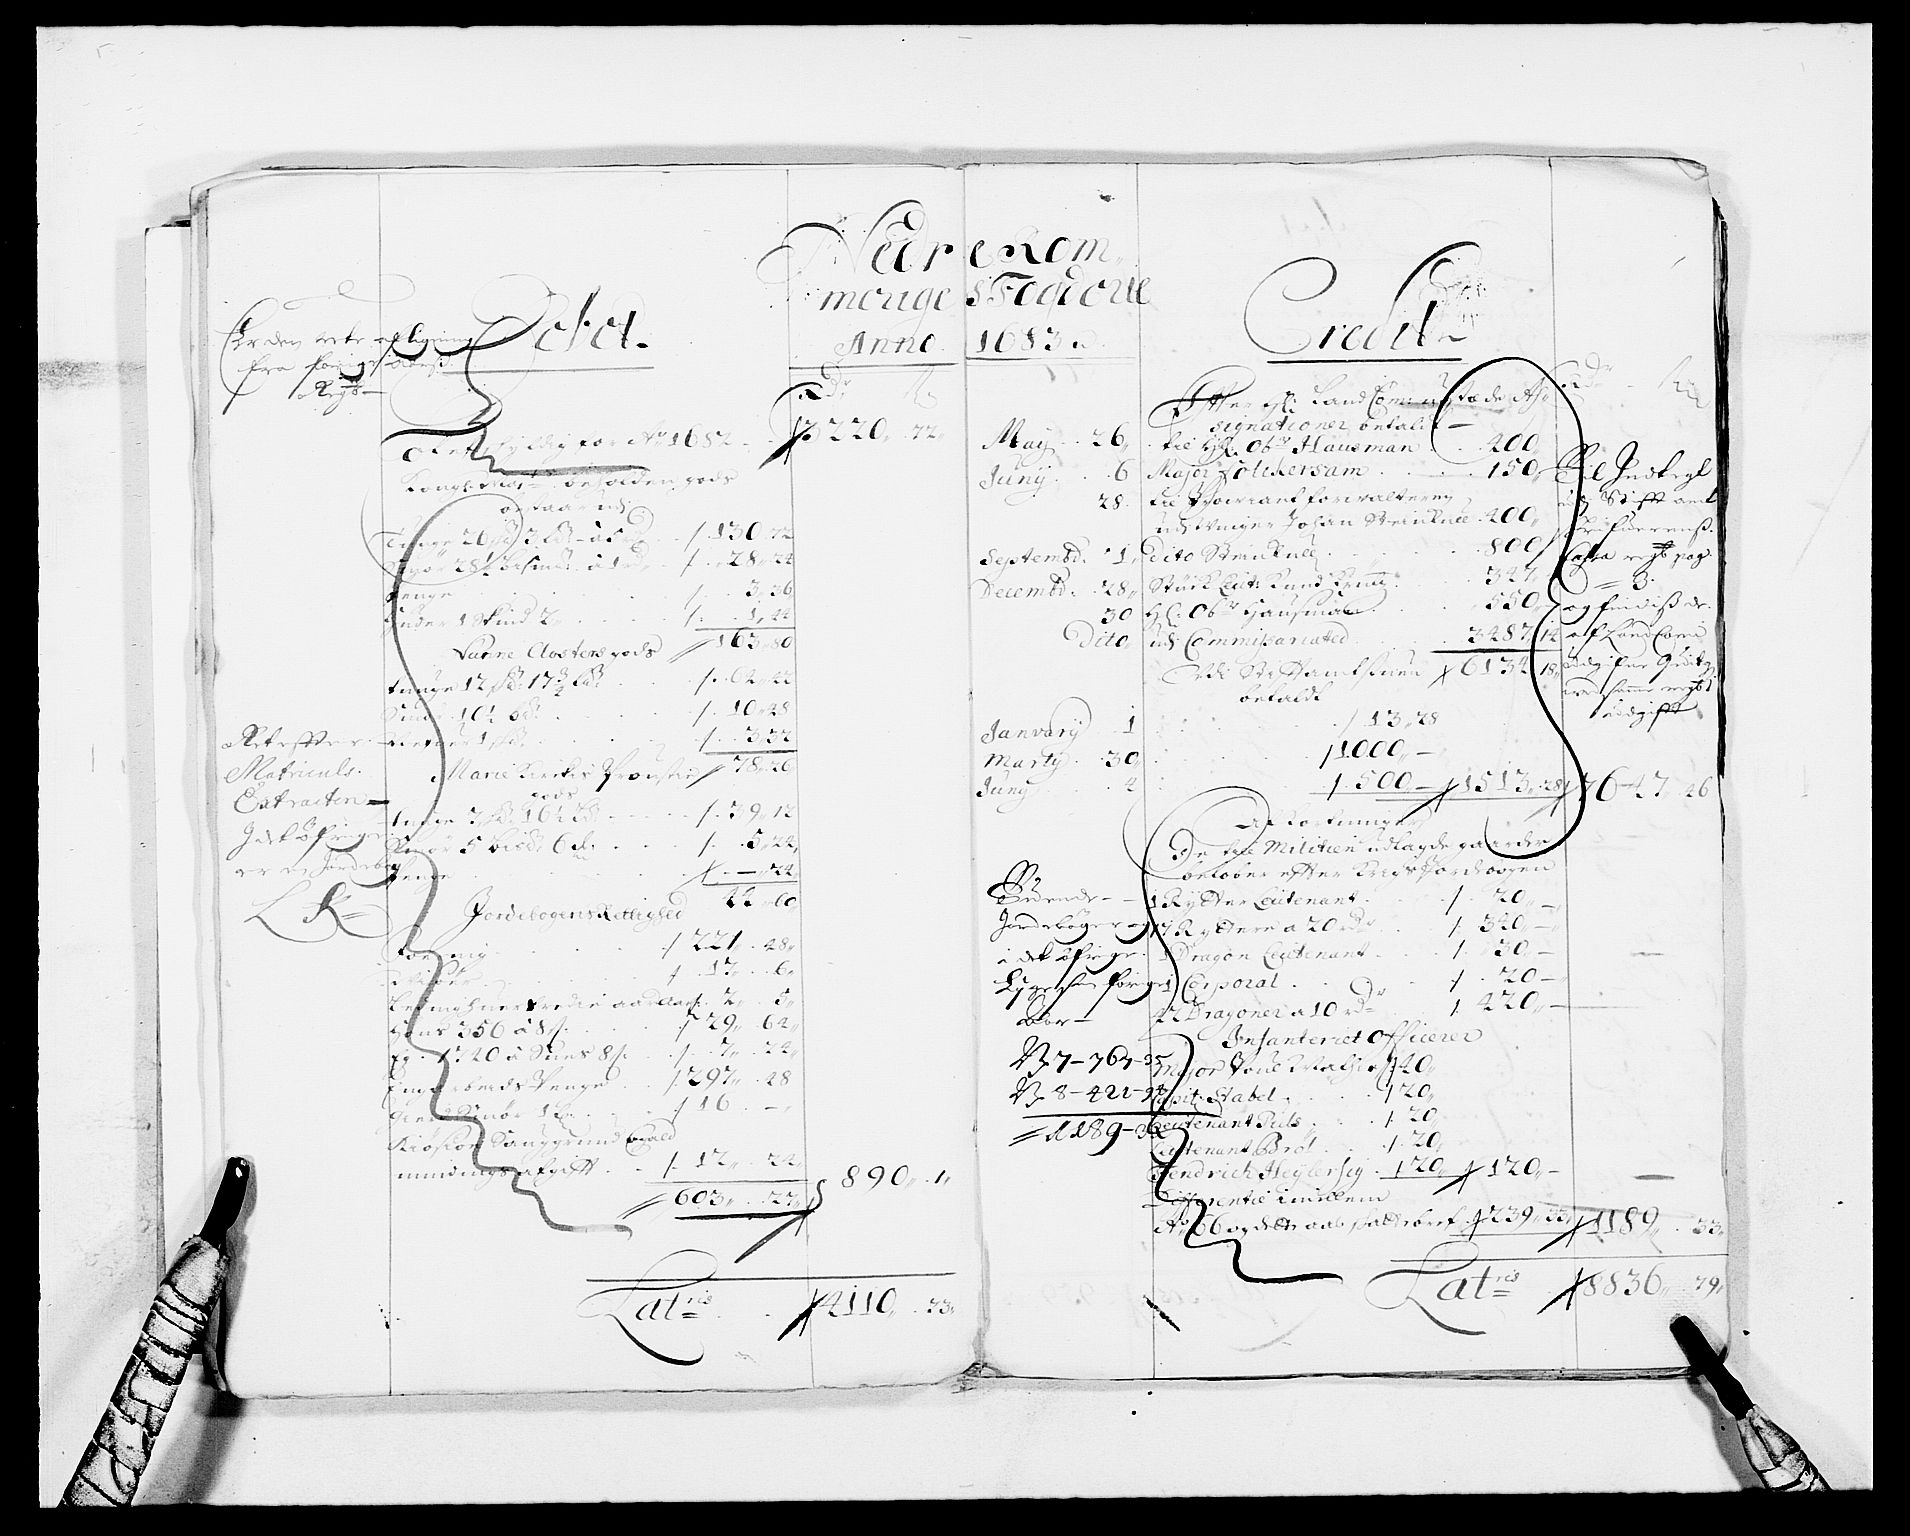 RA, Rentekammeret inntil 1814, Reviderte regnskaper, Fogderegnskap, R11/L0573: Fogderegnskap Nedre Romerike, 1679-1688, s. 160